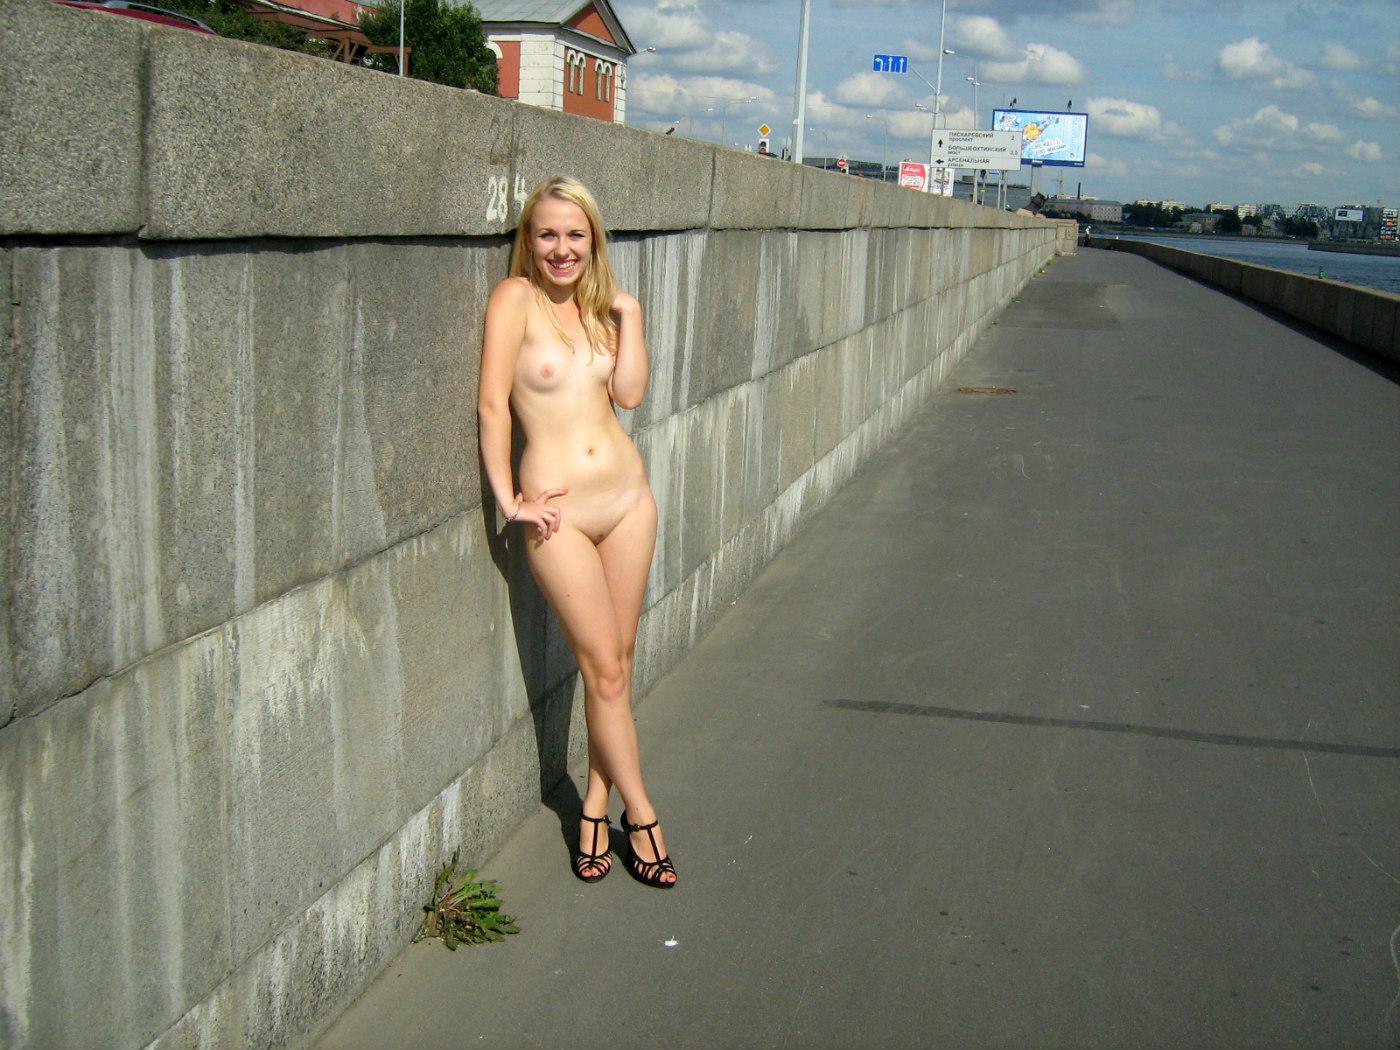 видео голые девушки на улице смотреть